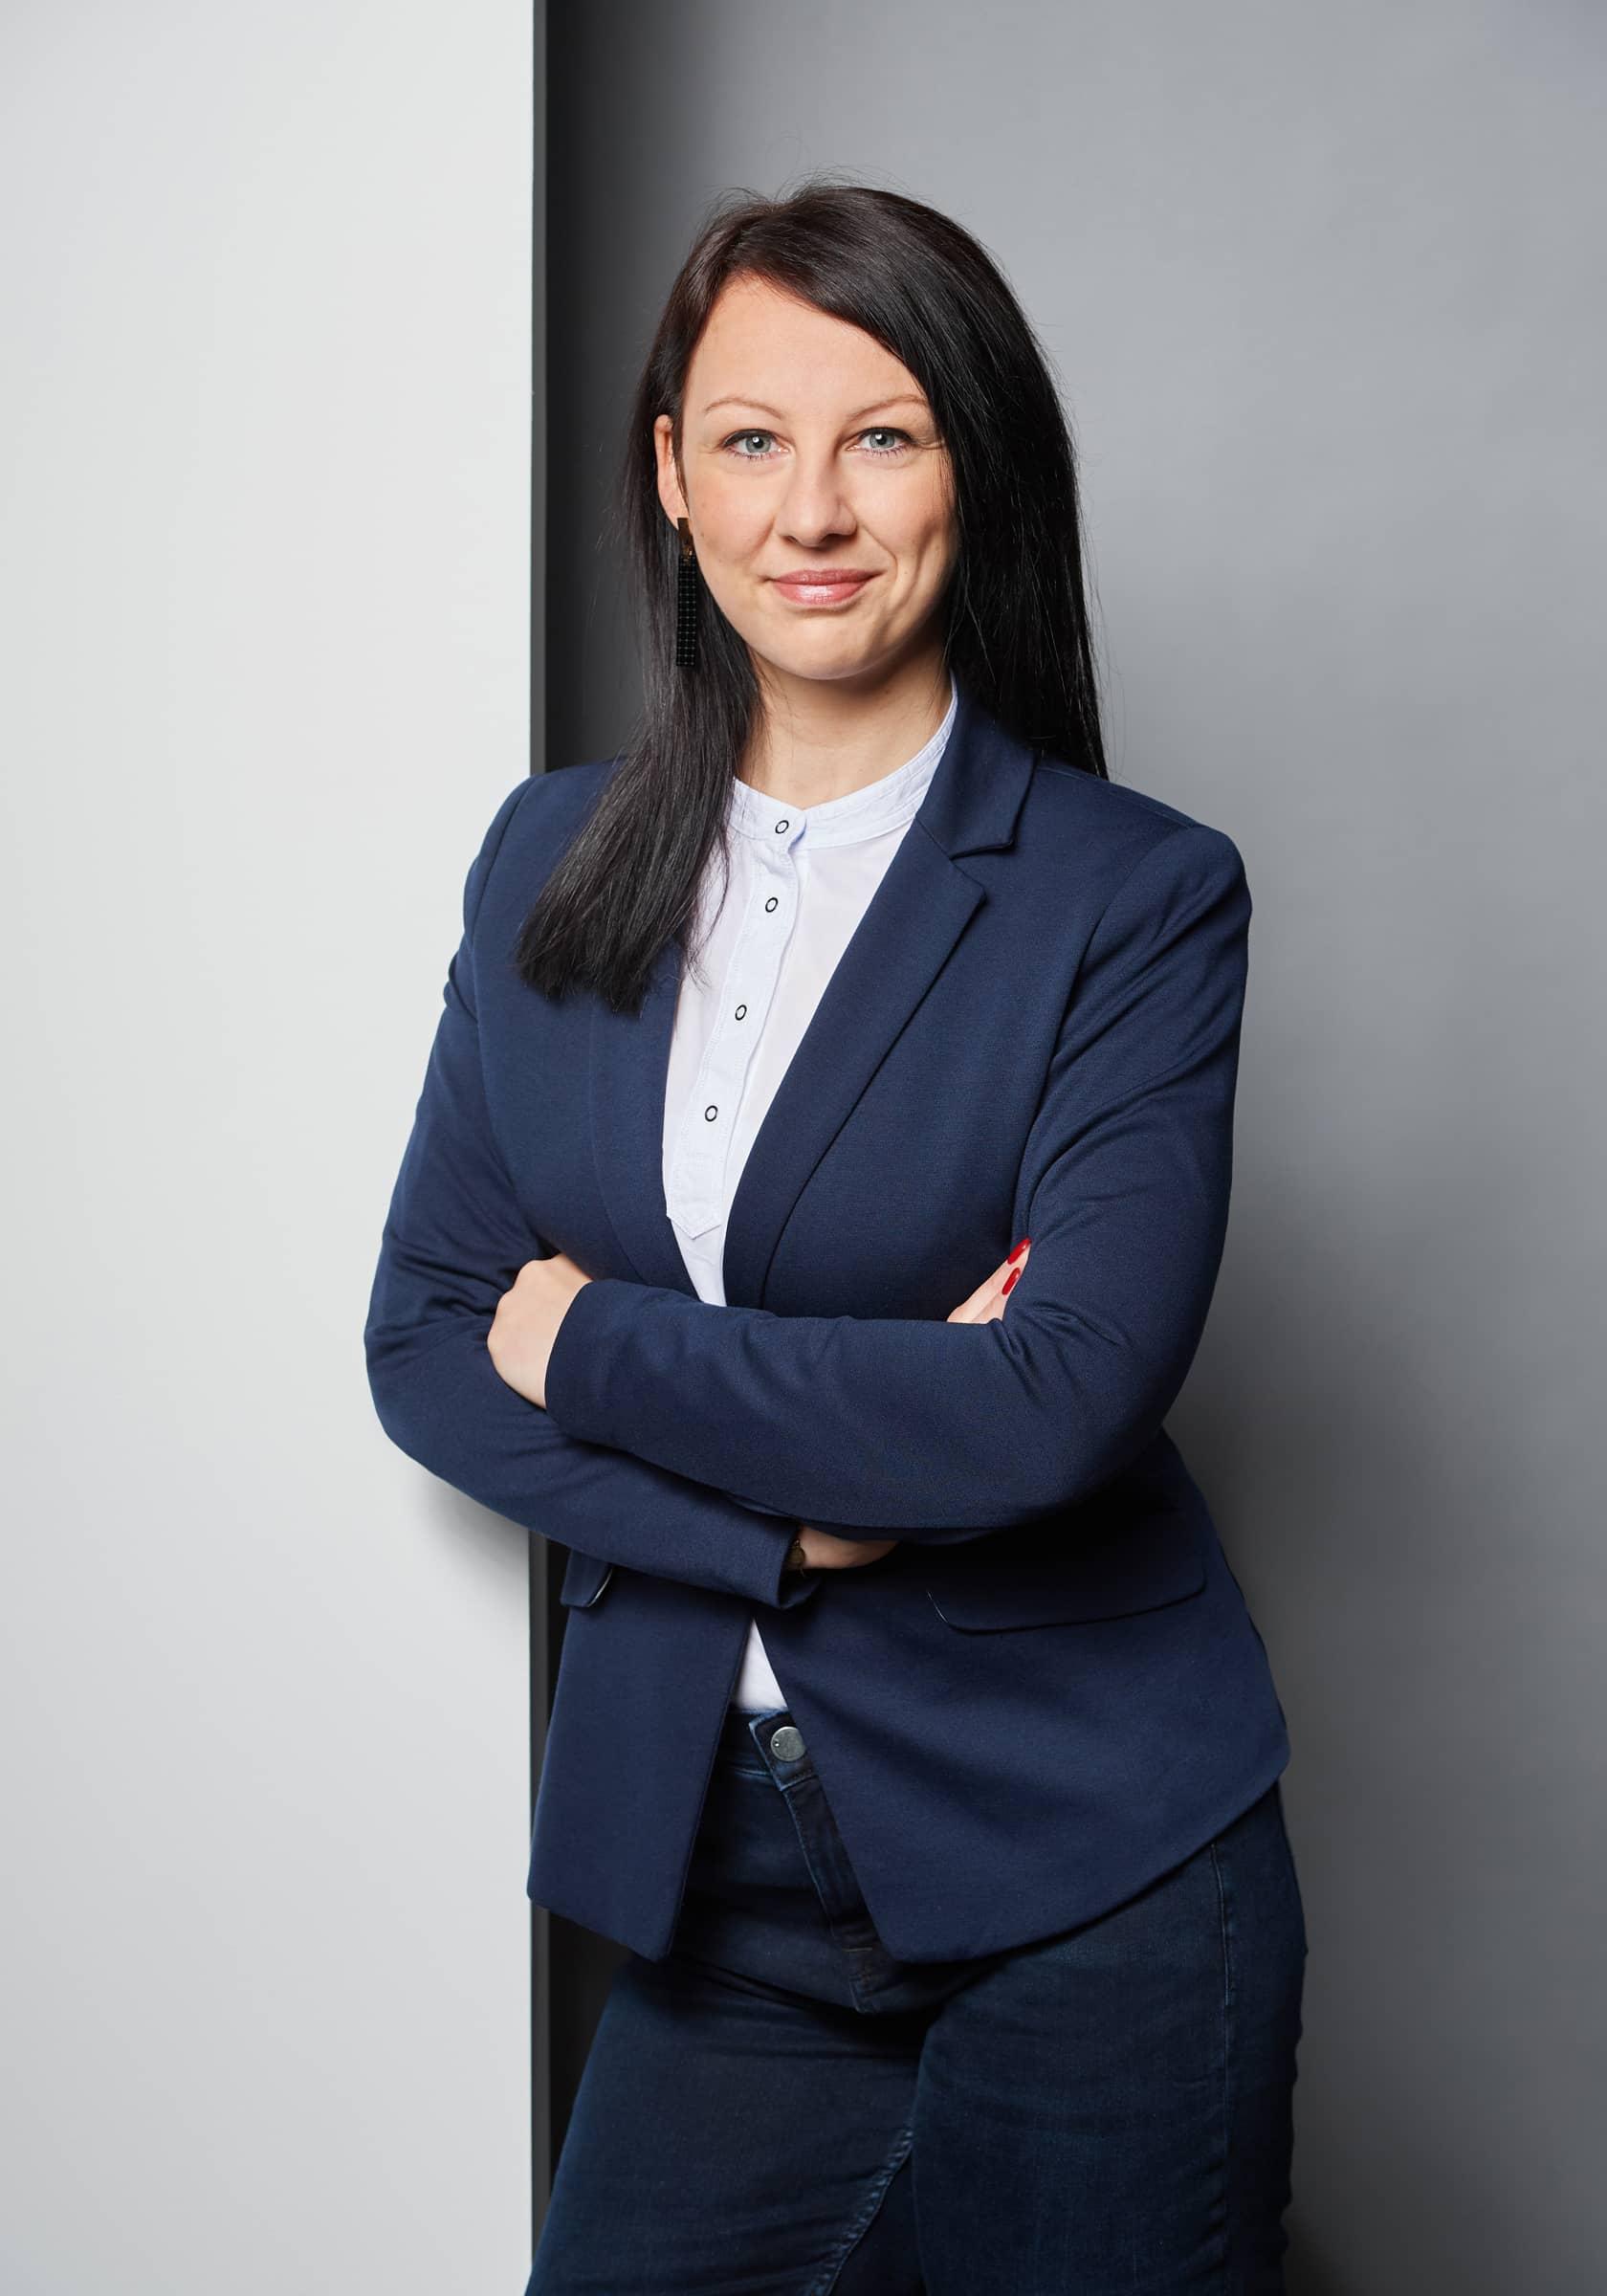 Corinna Lazaridis